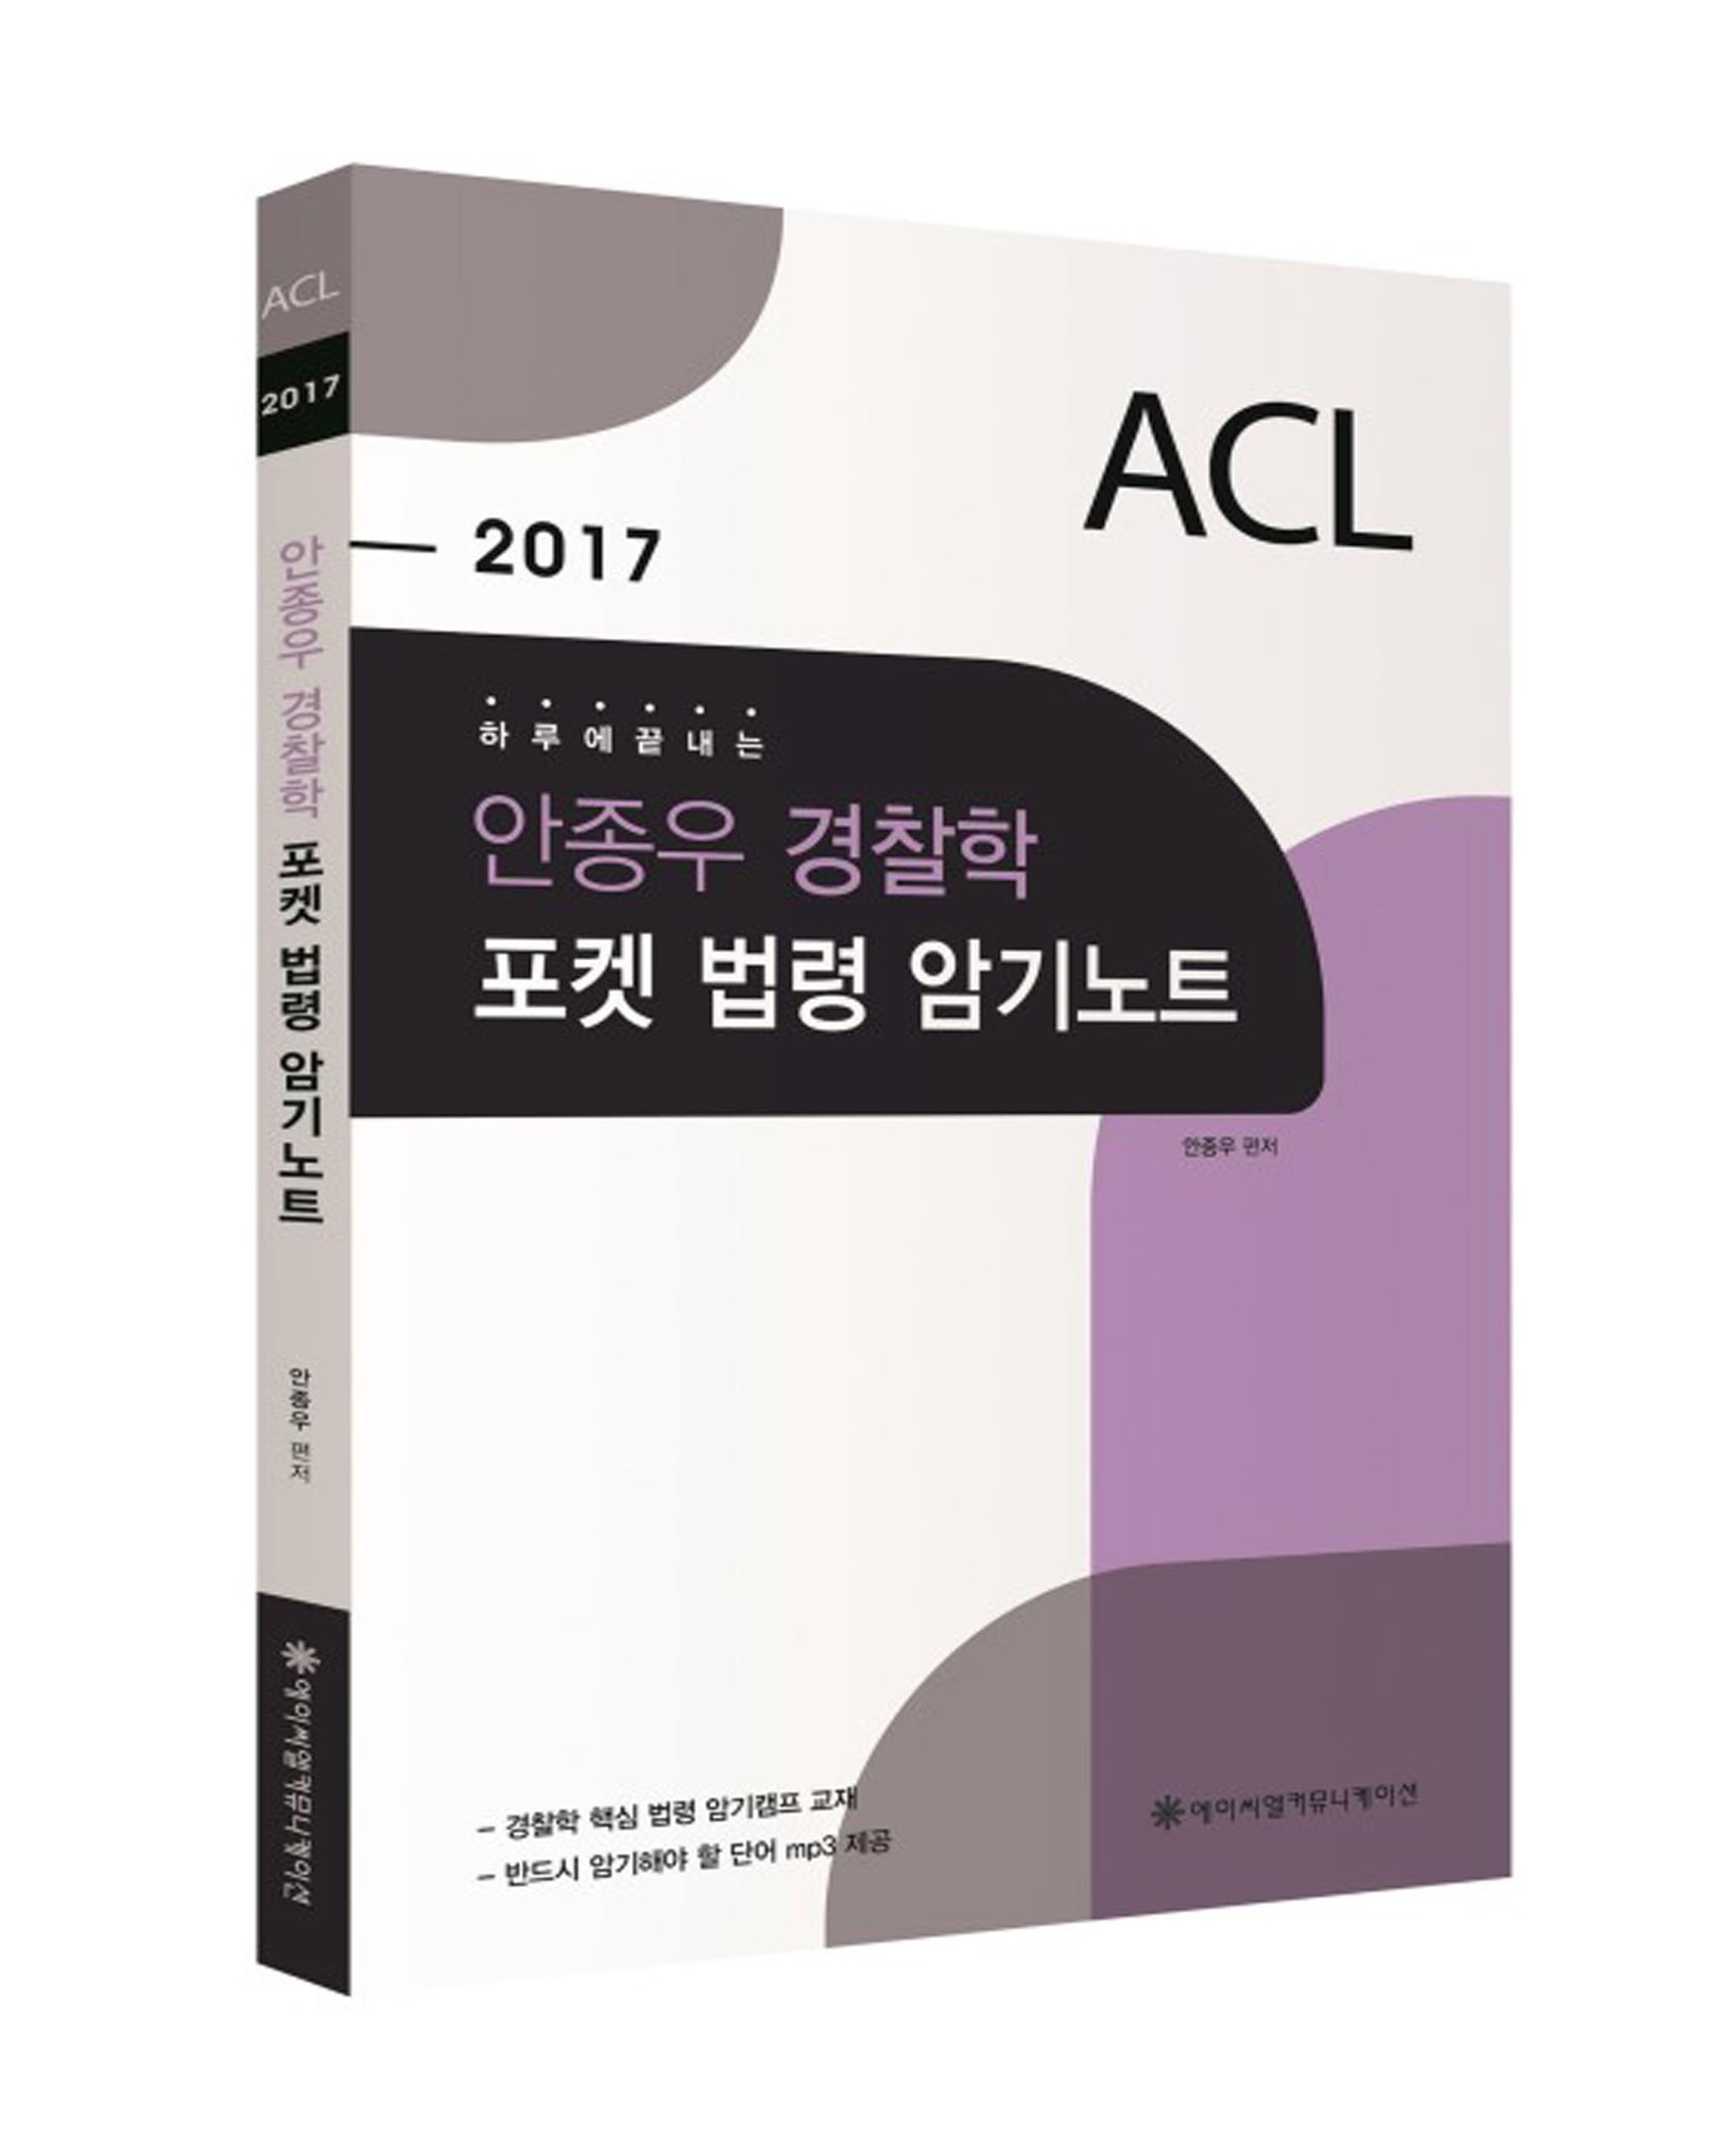 2017 ACL 안종우 경찰학 포켓 법령 암기노트